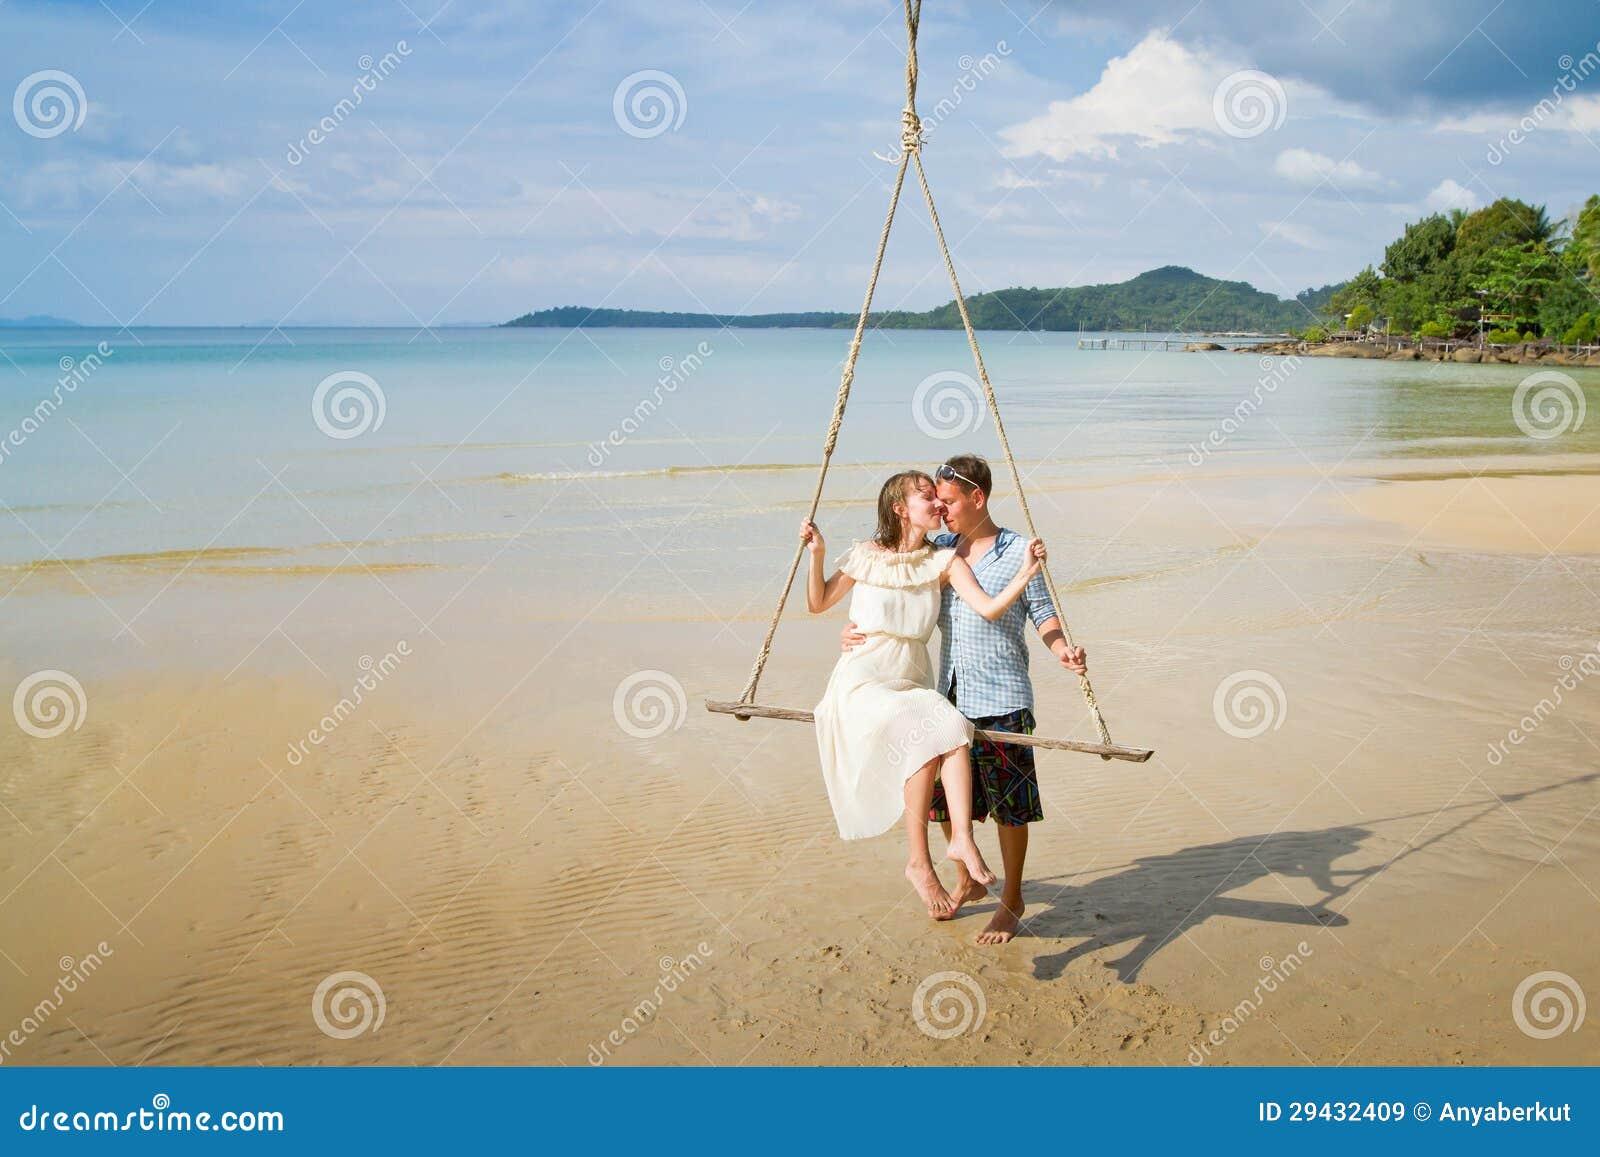 Пары на пляже фото 360-586